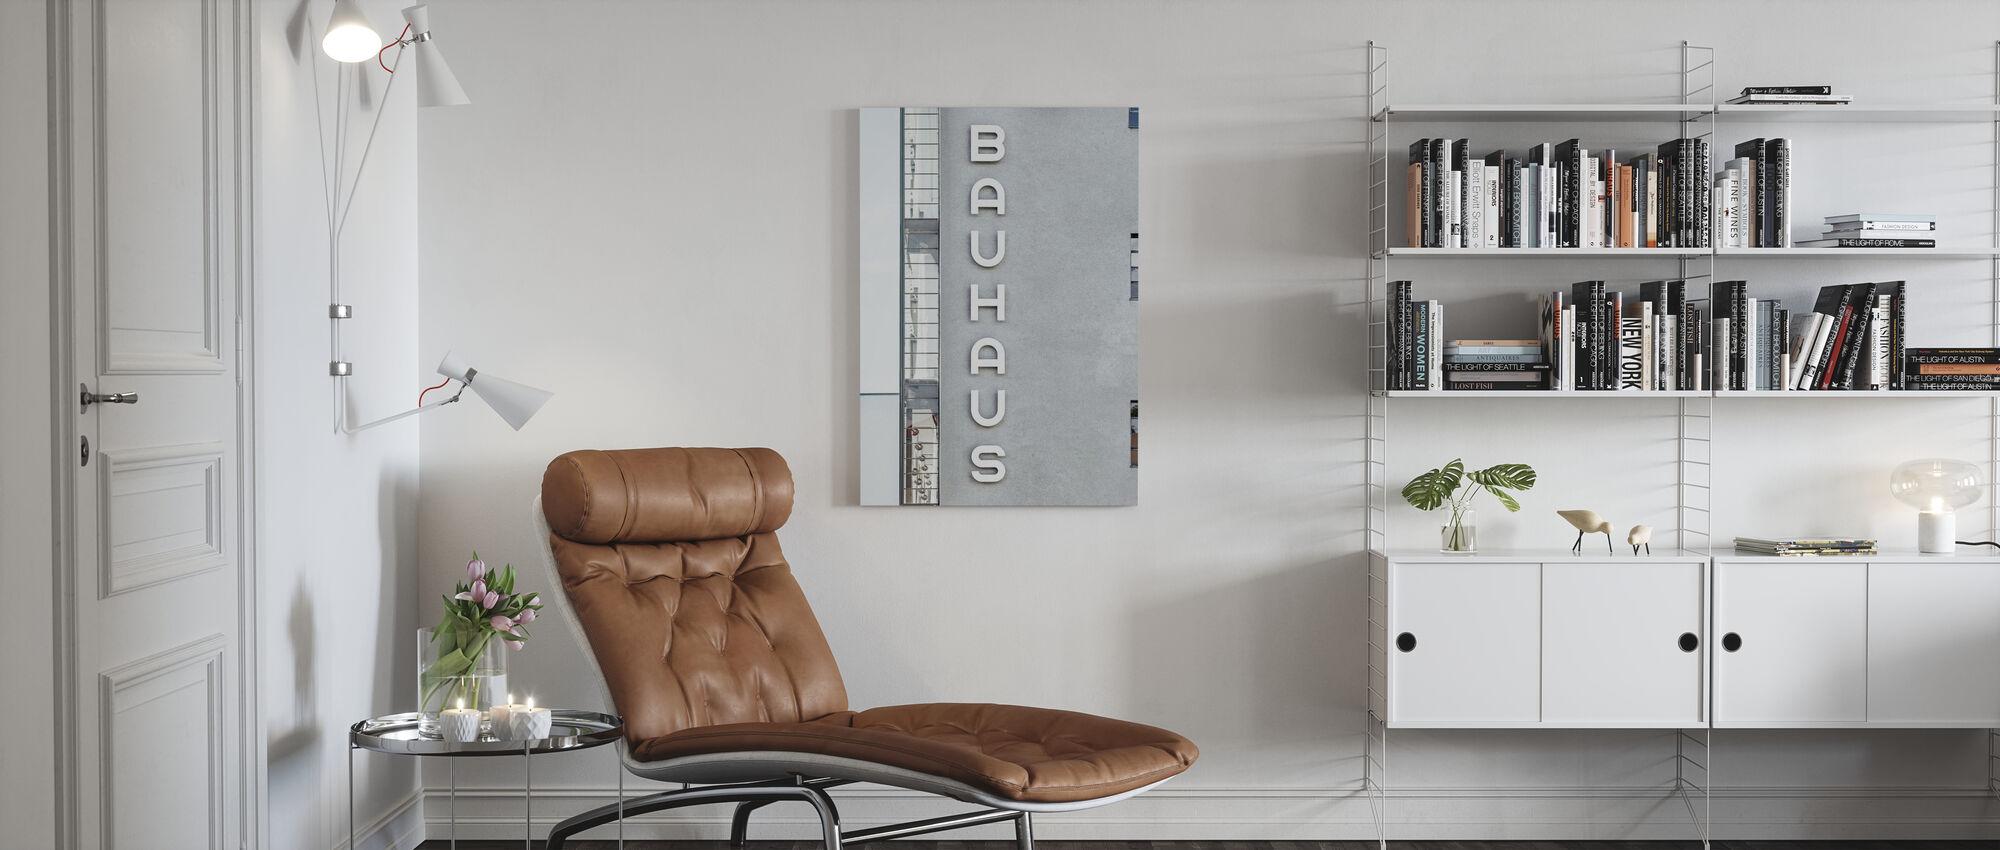 Bauhaus Building Font - Canvas print - Living Room